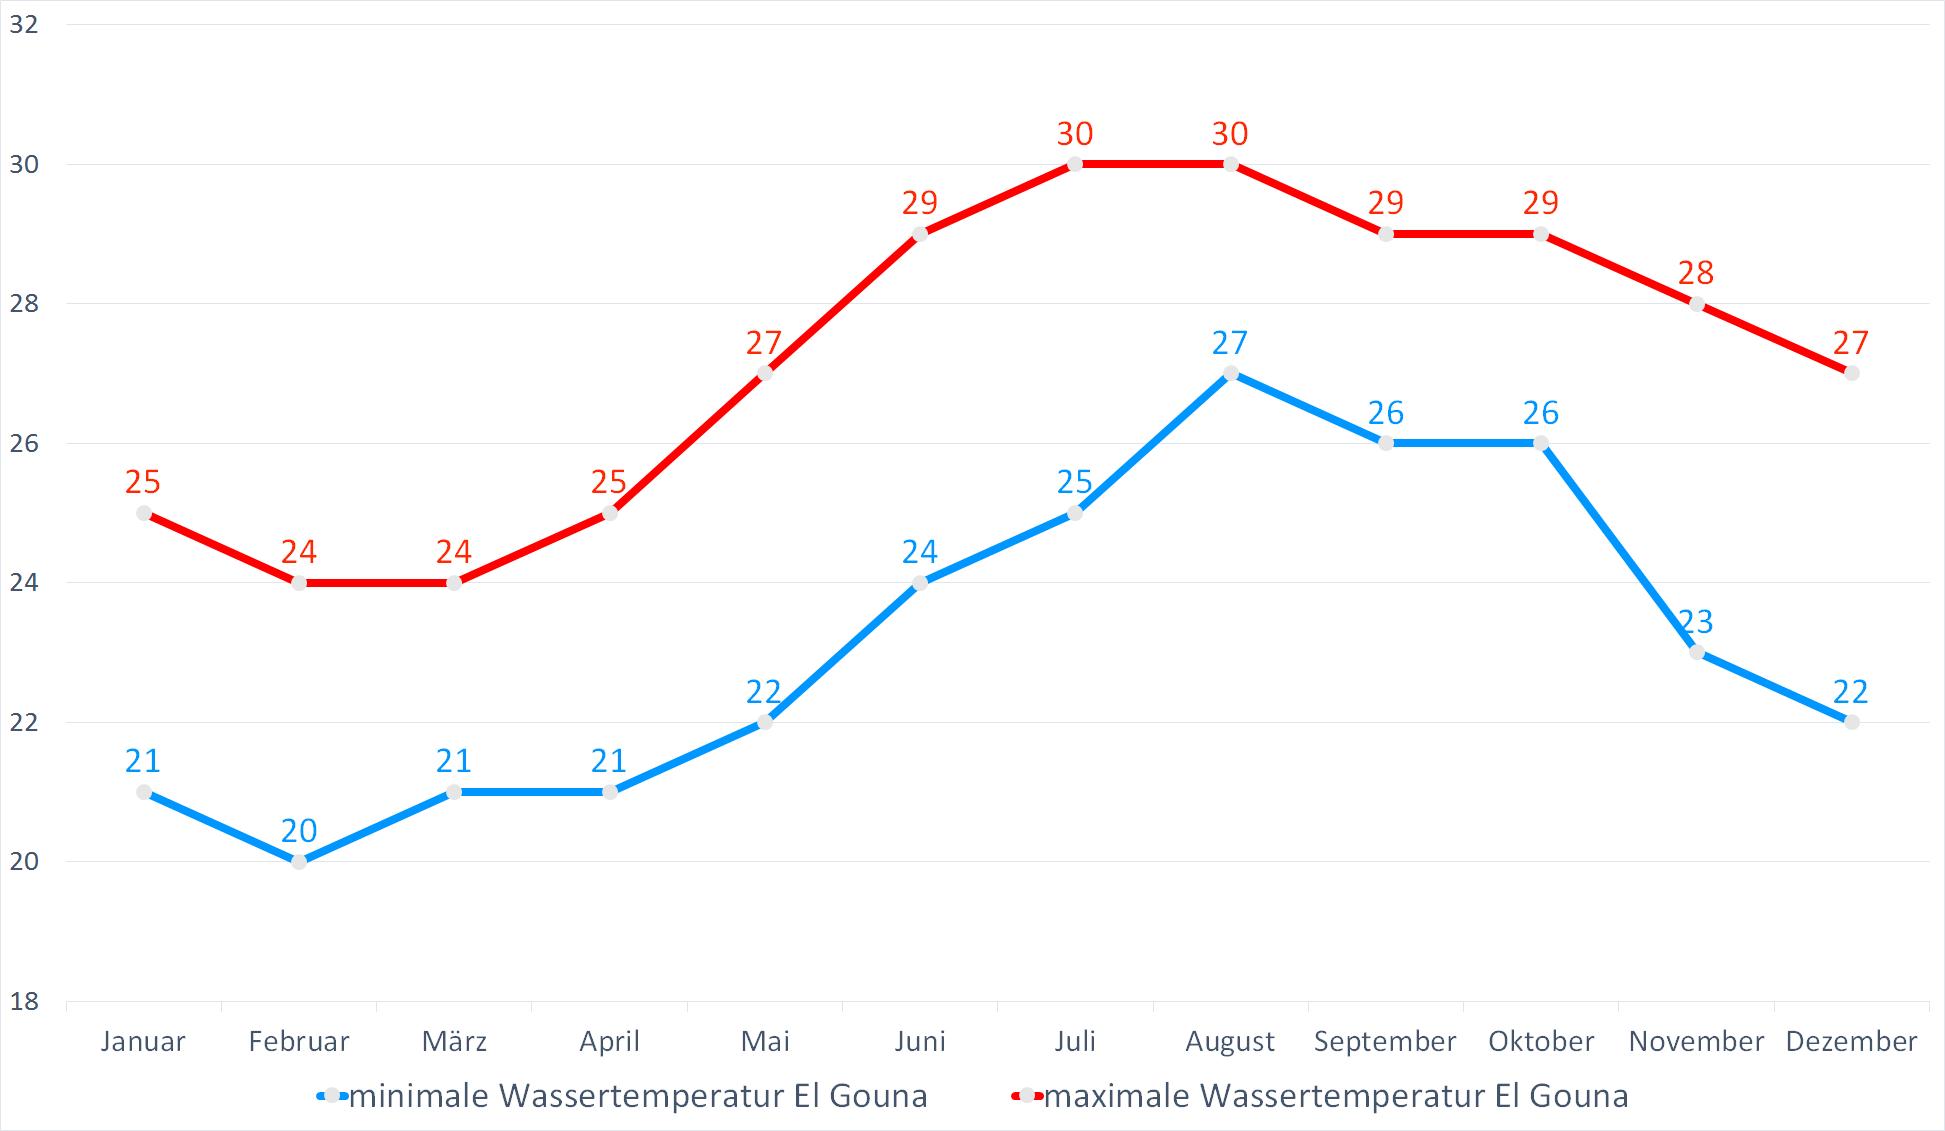 Minimale & Maximale Wassertemperaturen für El Gouna im Jahresverlauf